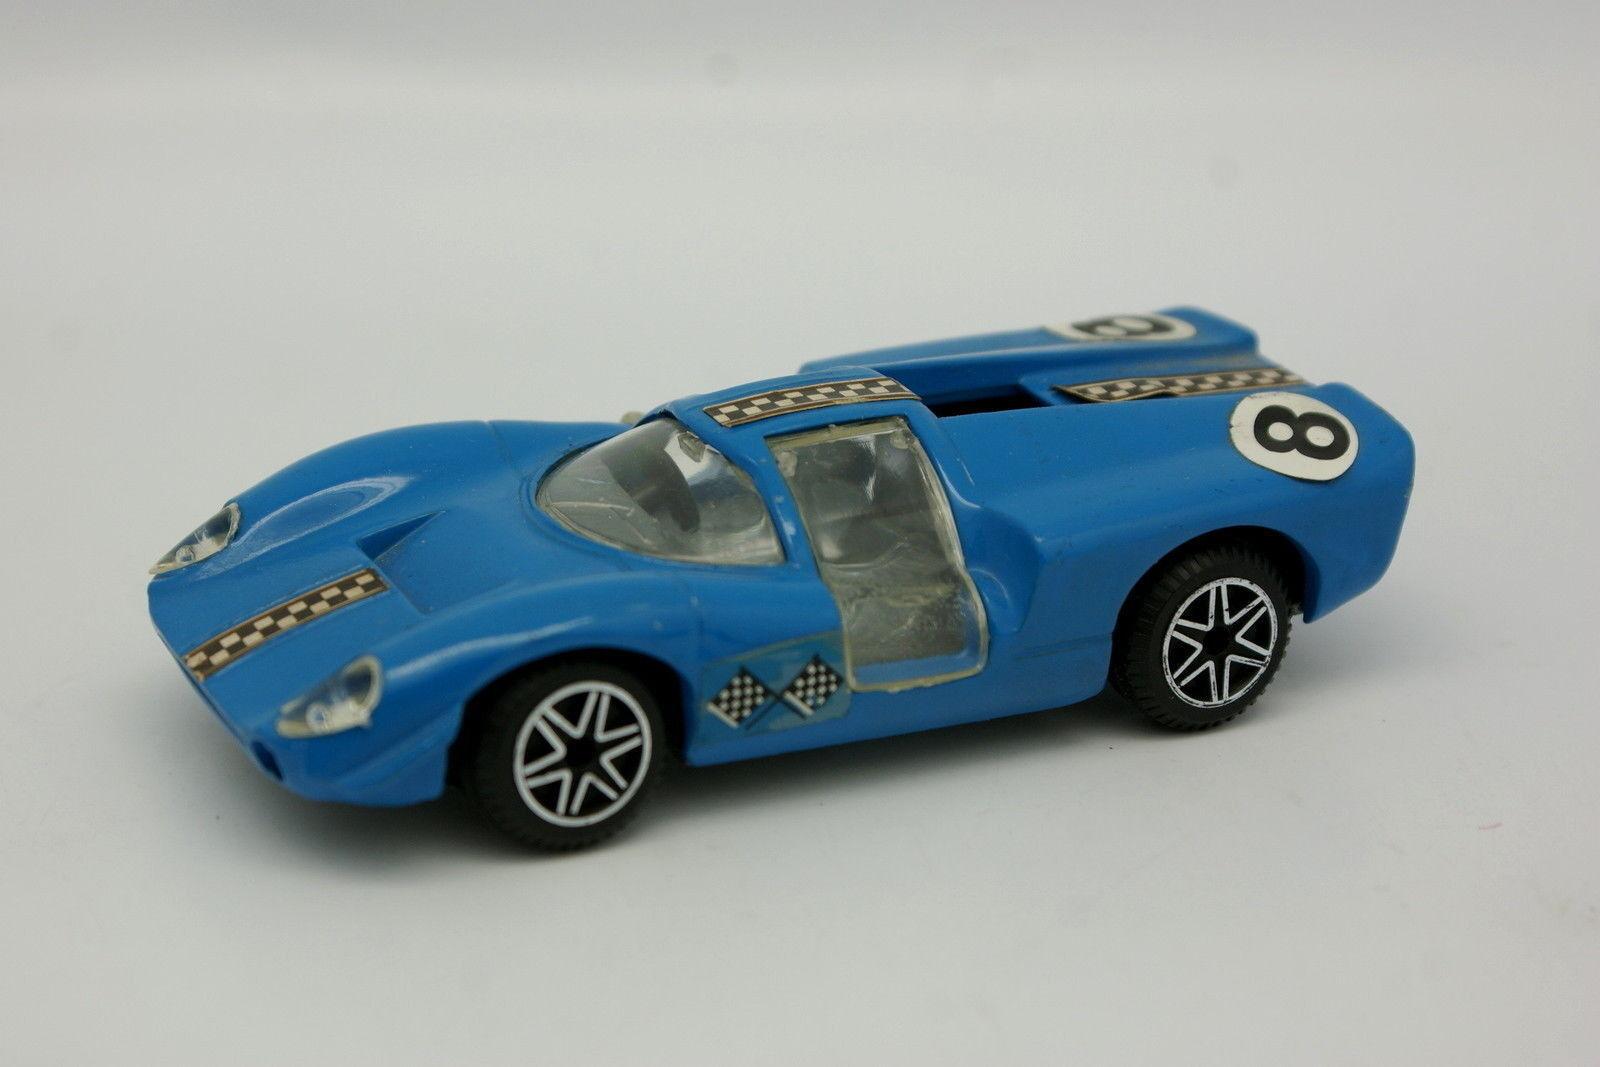 Politoys 1 43 - Aston Martin Lola 555